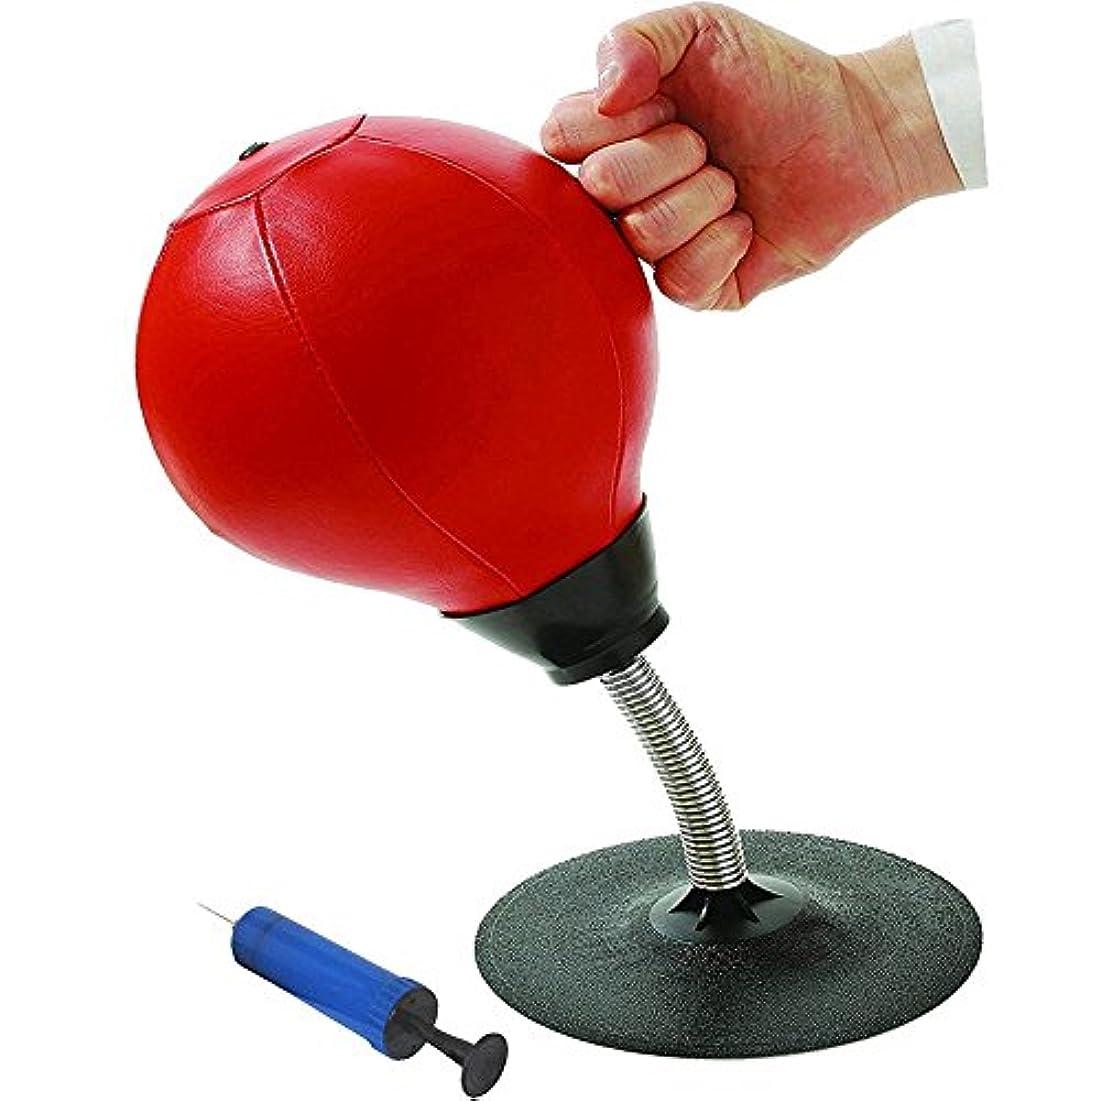 増強チャネルペニーストレス解消 パンチボール ストレスバスター